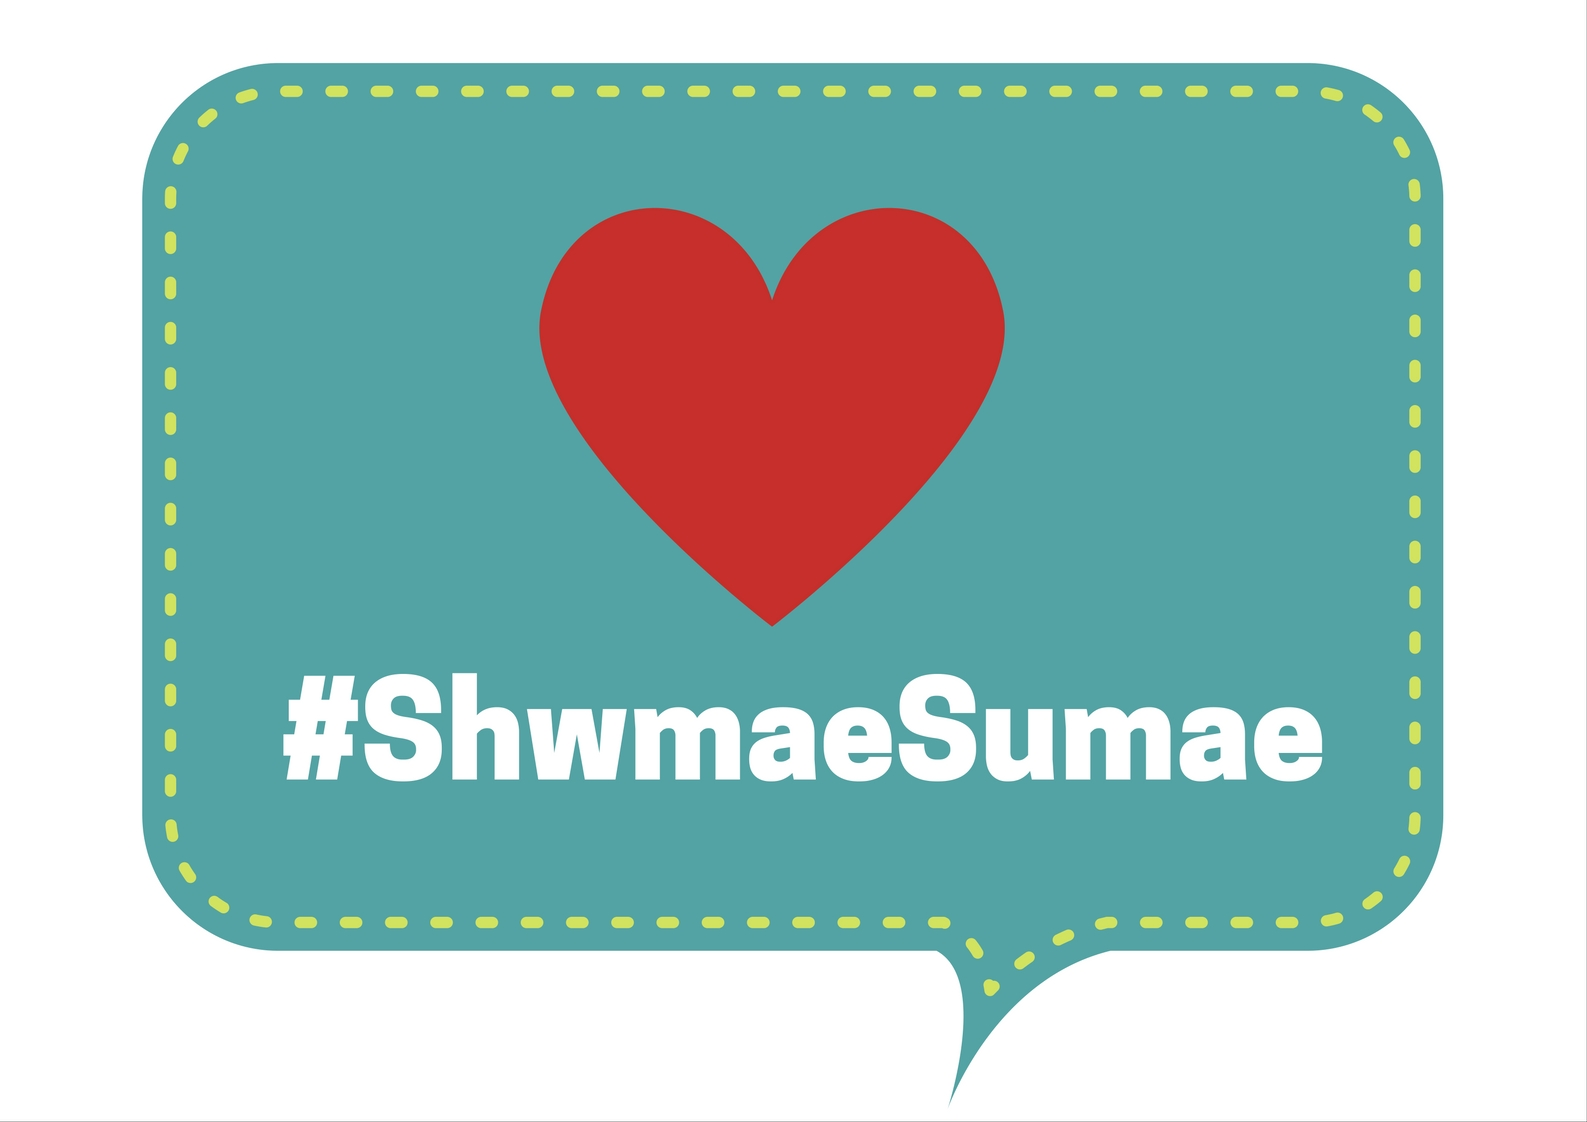 Shwmae sumae calon